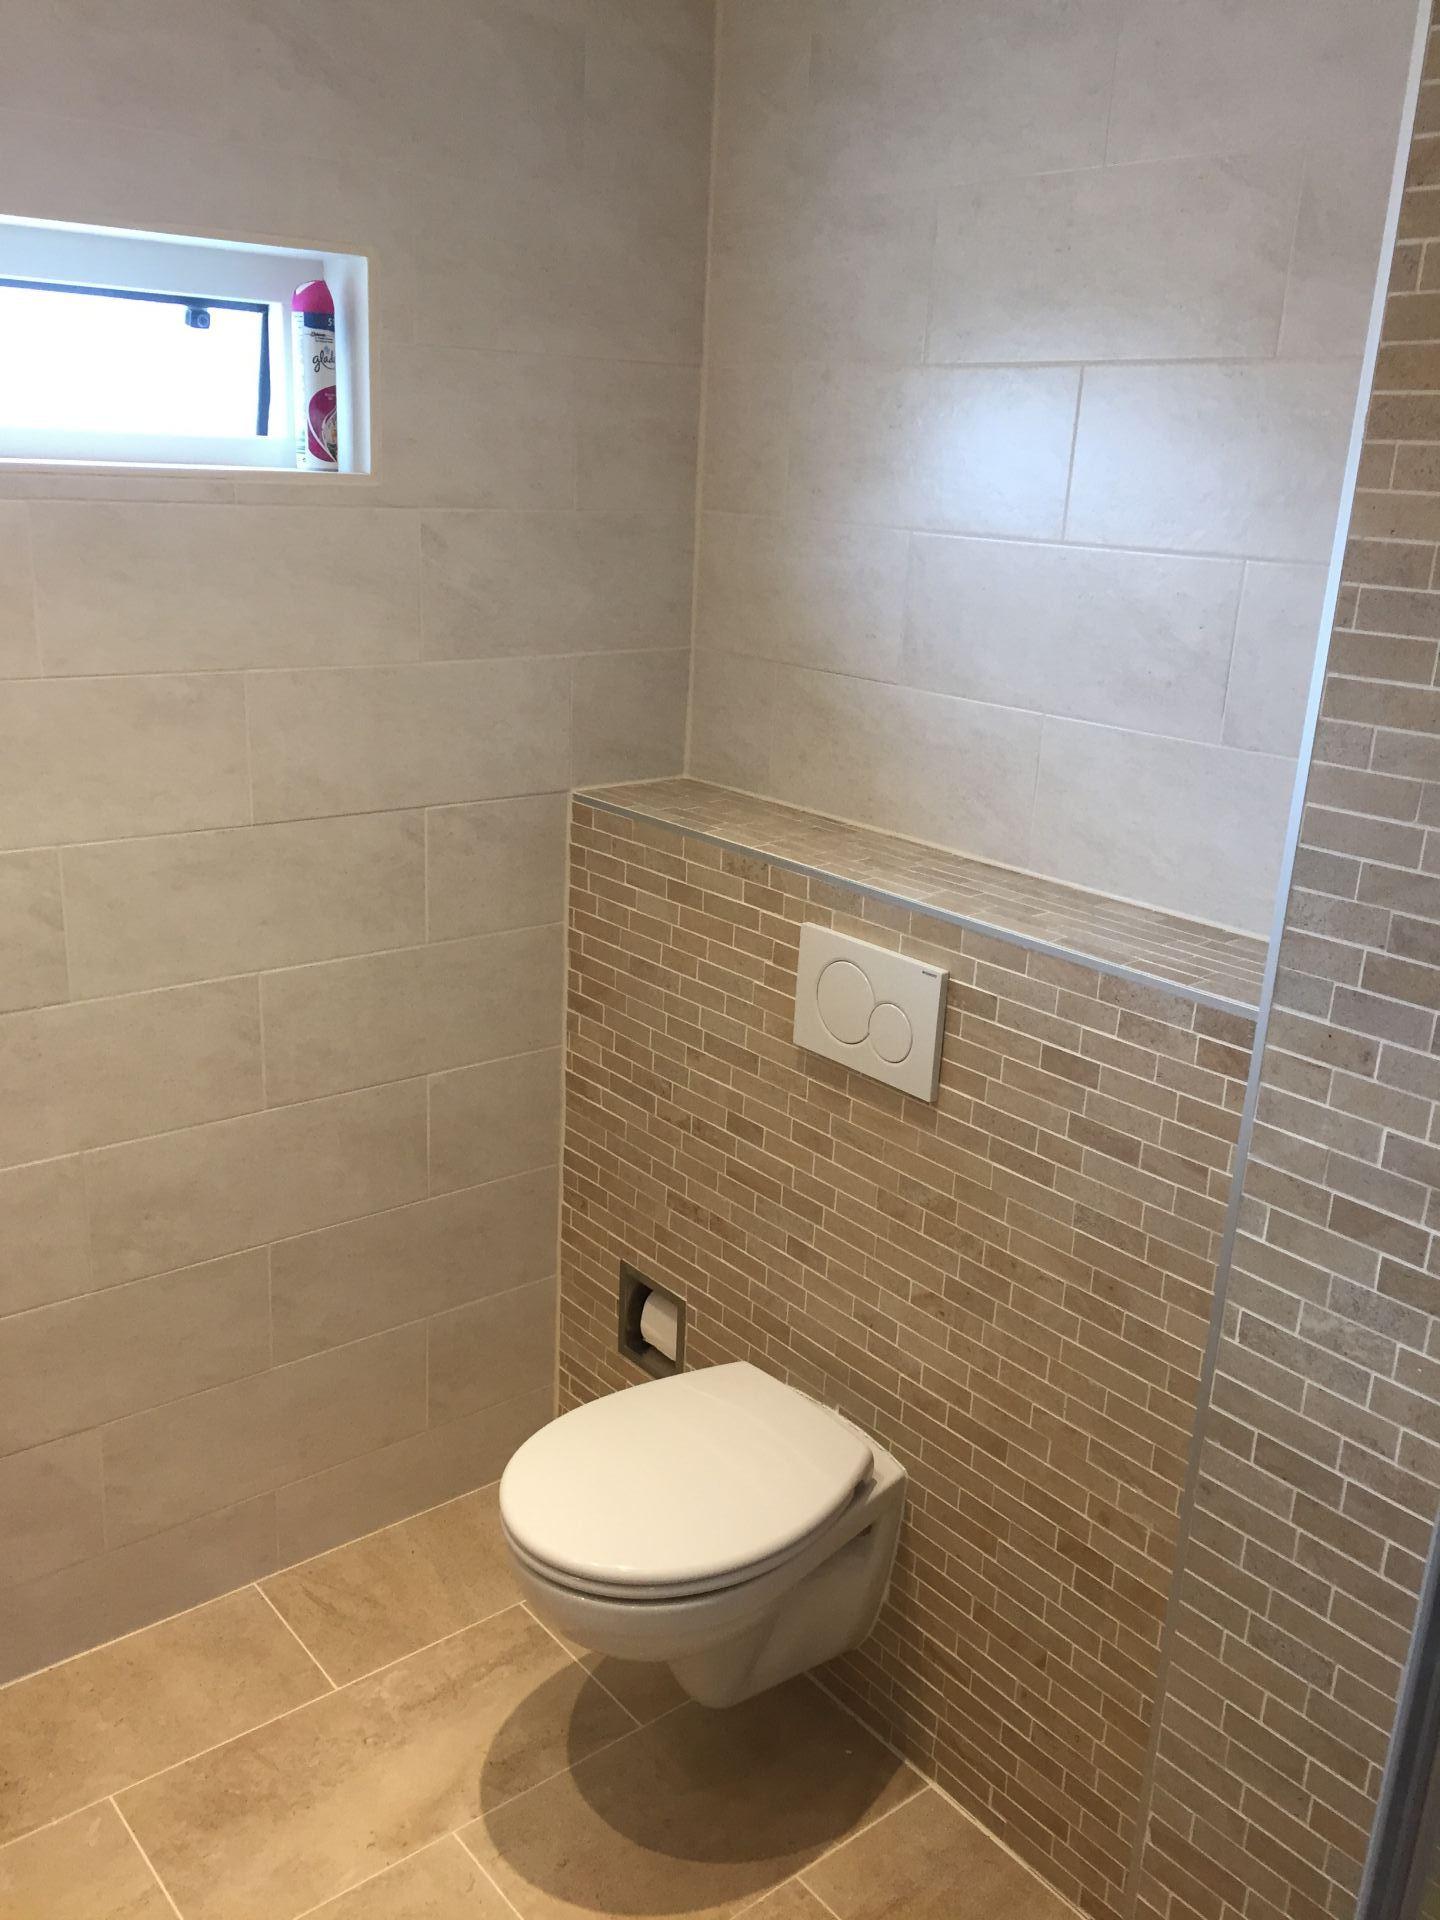 Badkamer verbouwing Almere - De Klussenier André Tukker